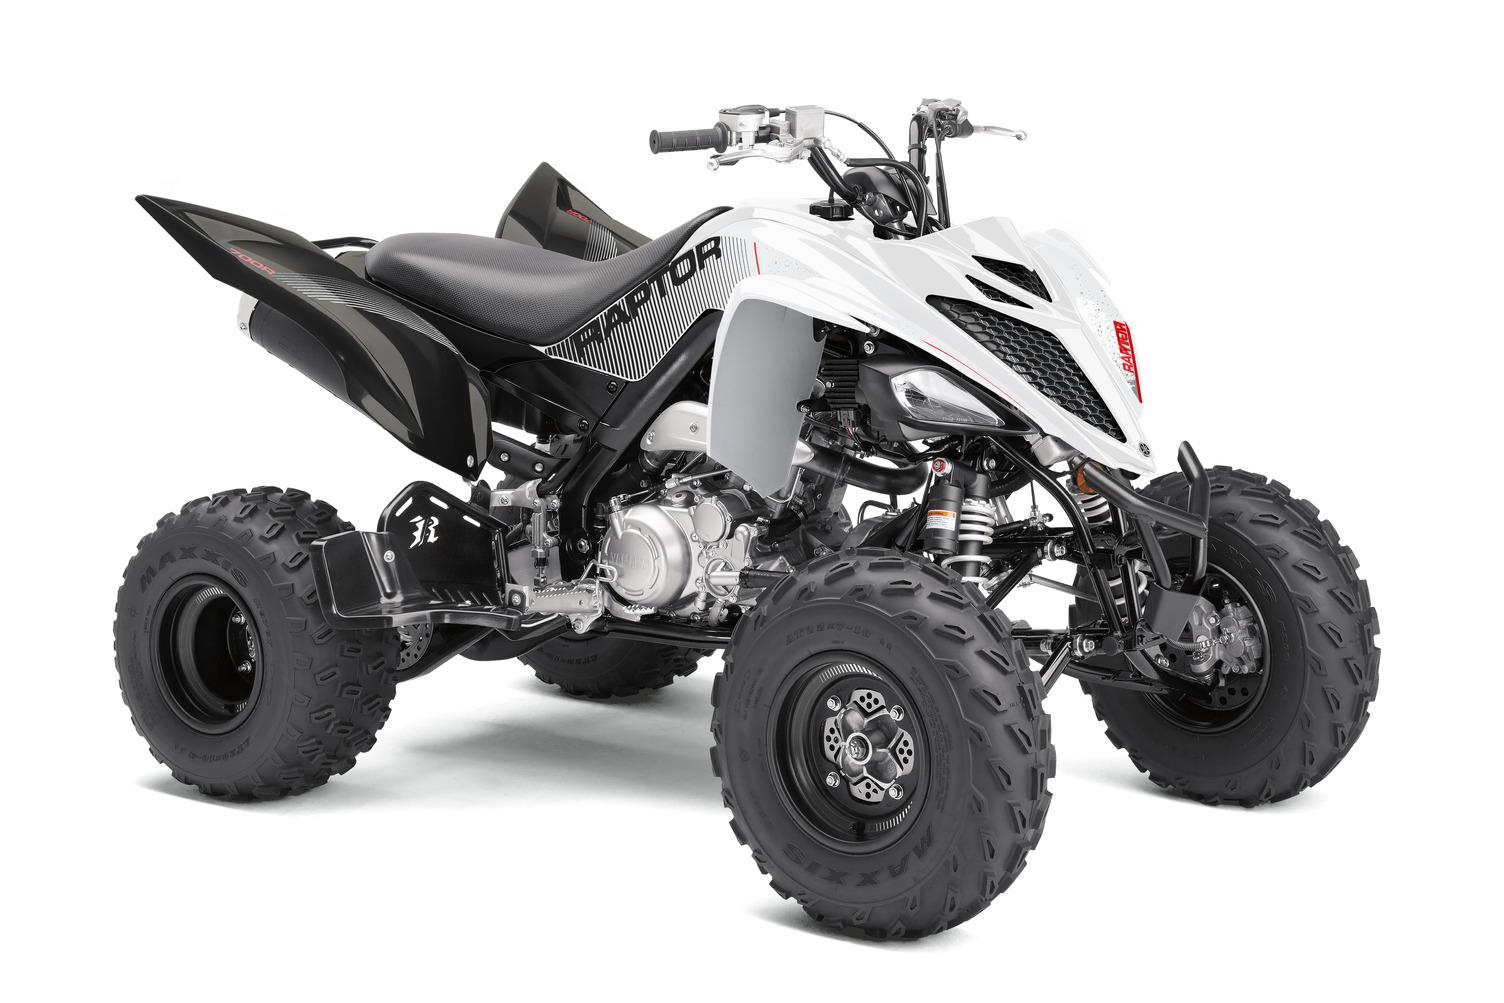 2021 Yamaha Raptor 700R SE in White Metallic Black